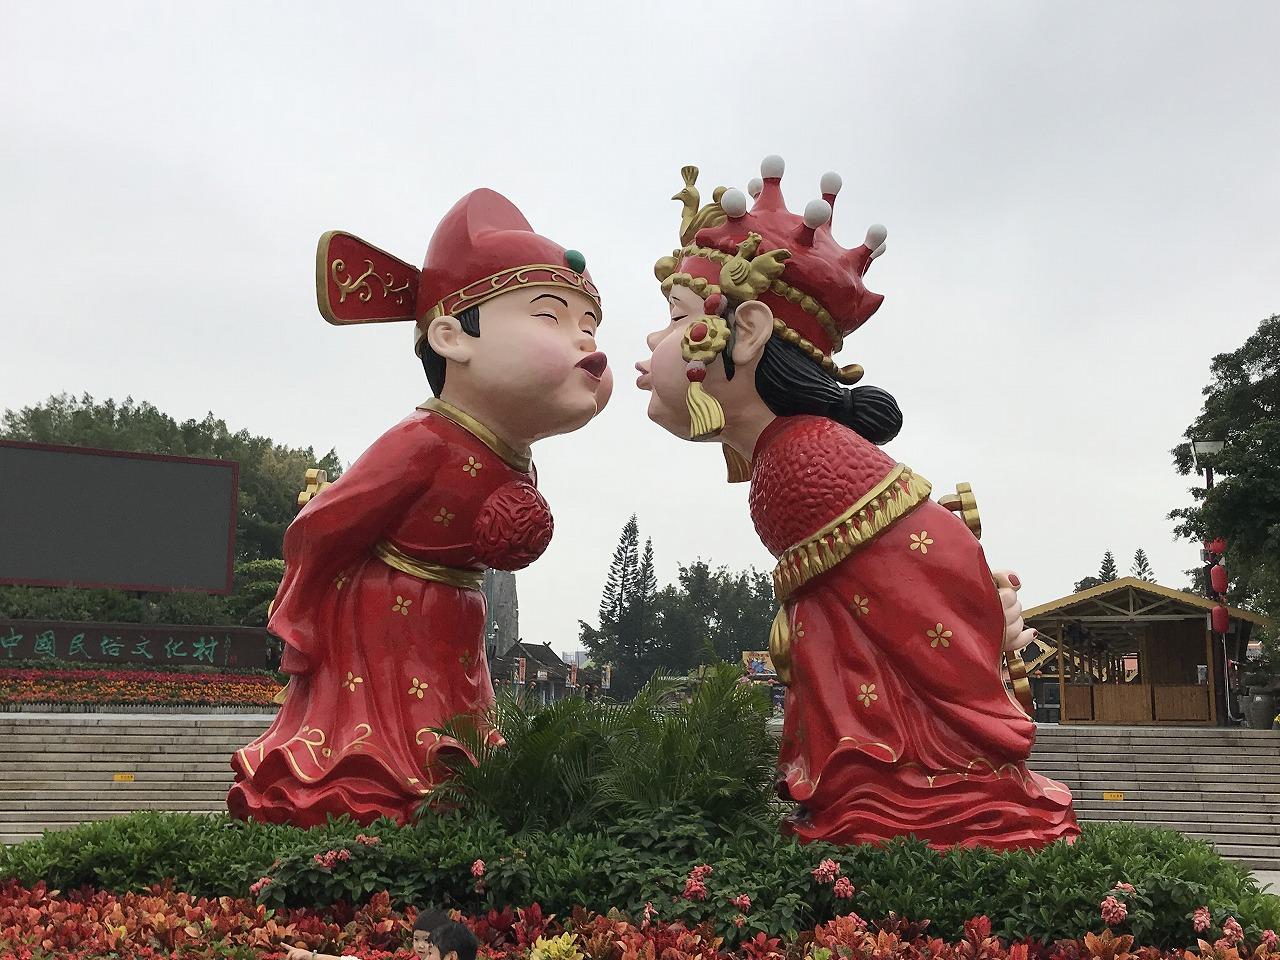 錦繍中華・中国民族文化村 観光